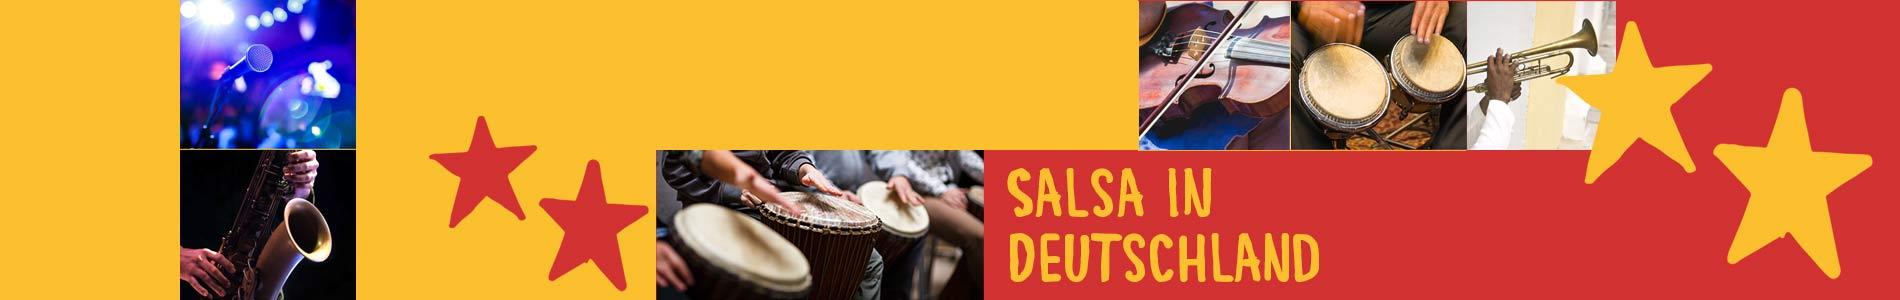 Salsa in Budenheim – Salsa lernen und tanzen, Tanzkurse, Partys, Veranstaltungen